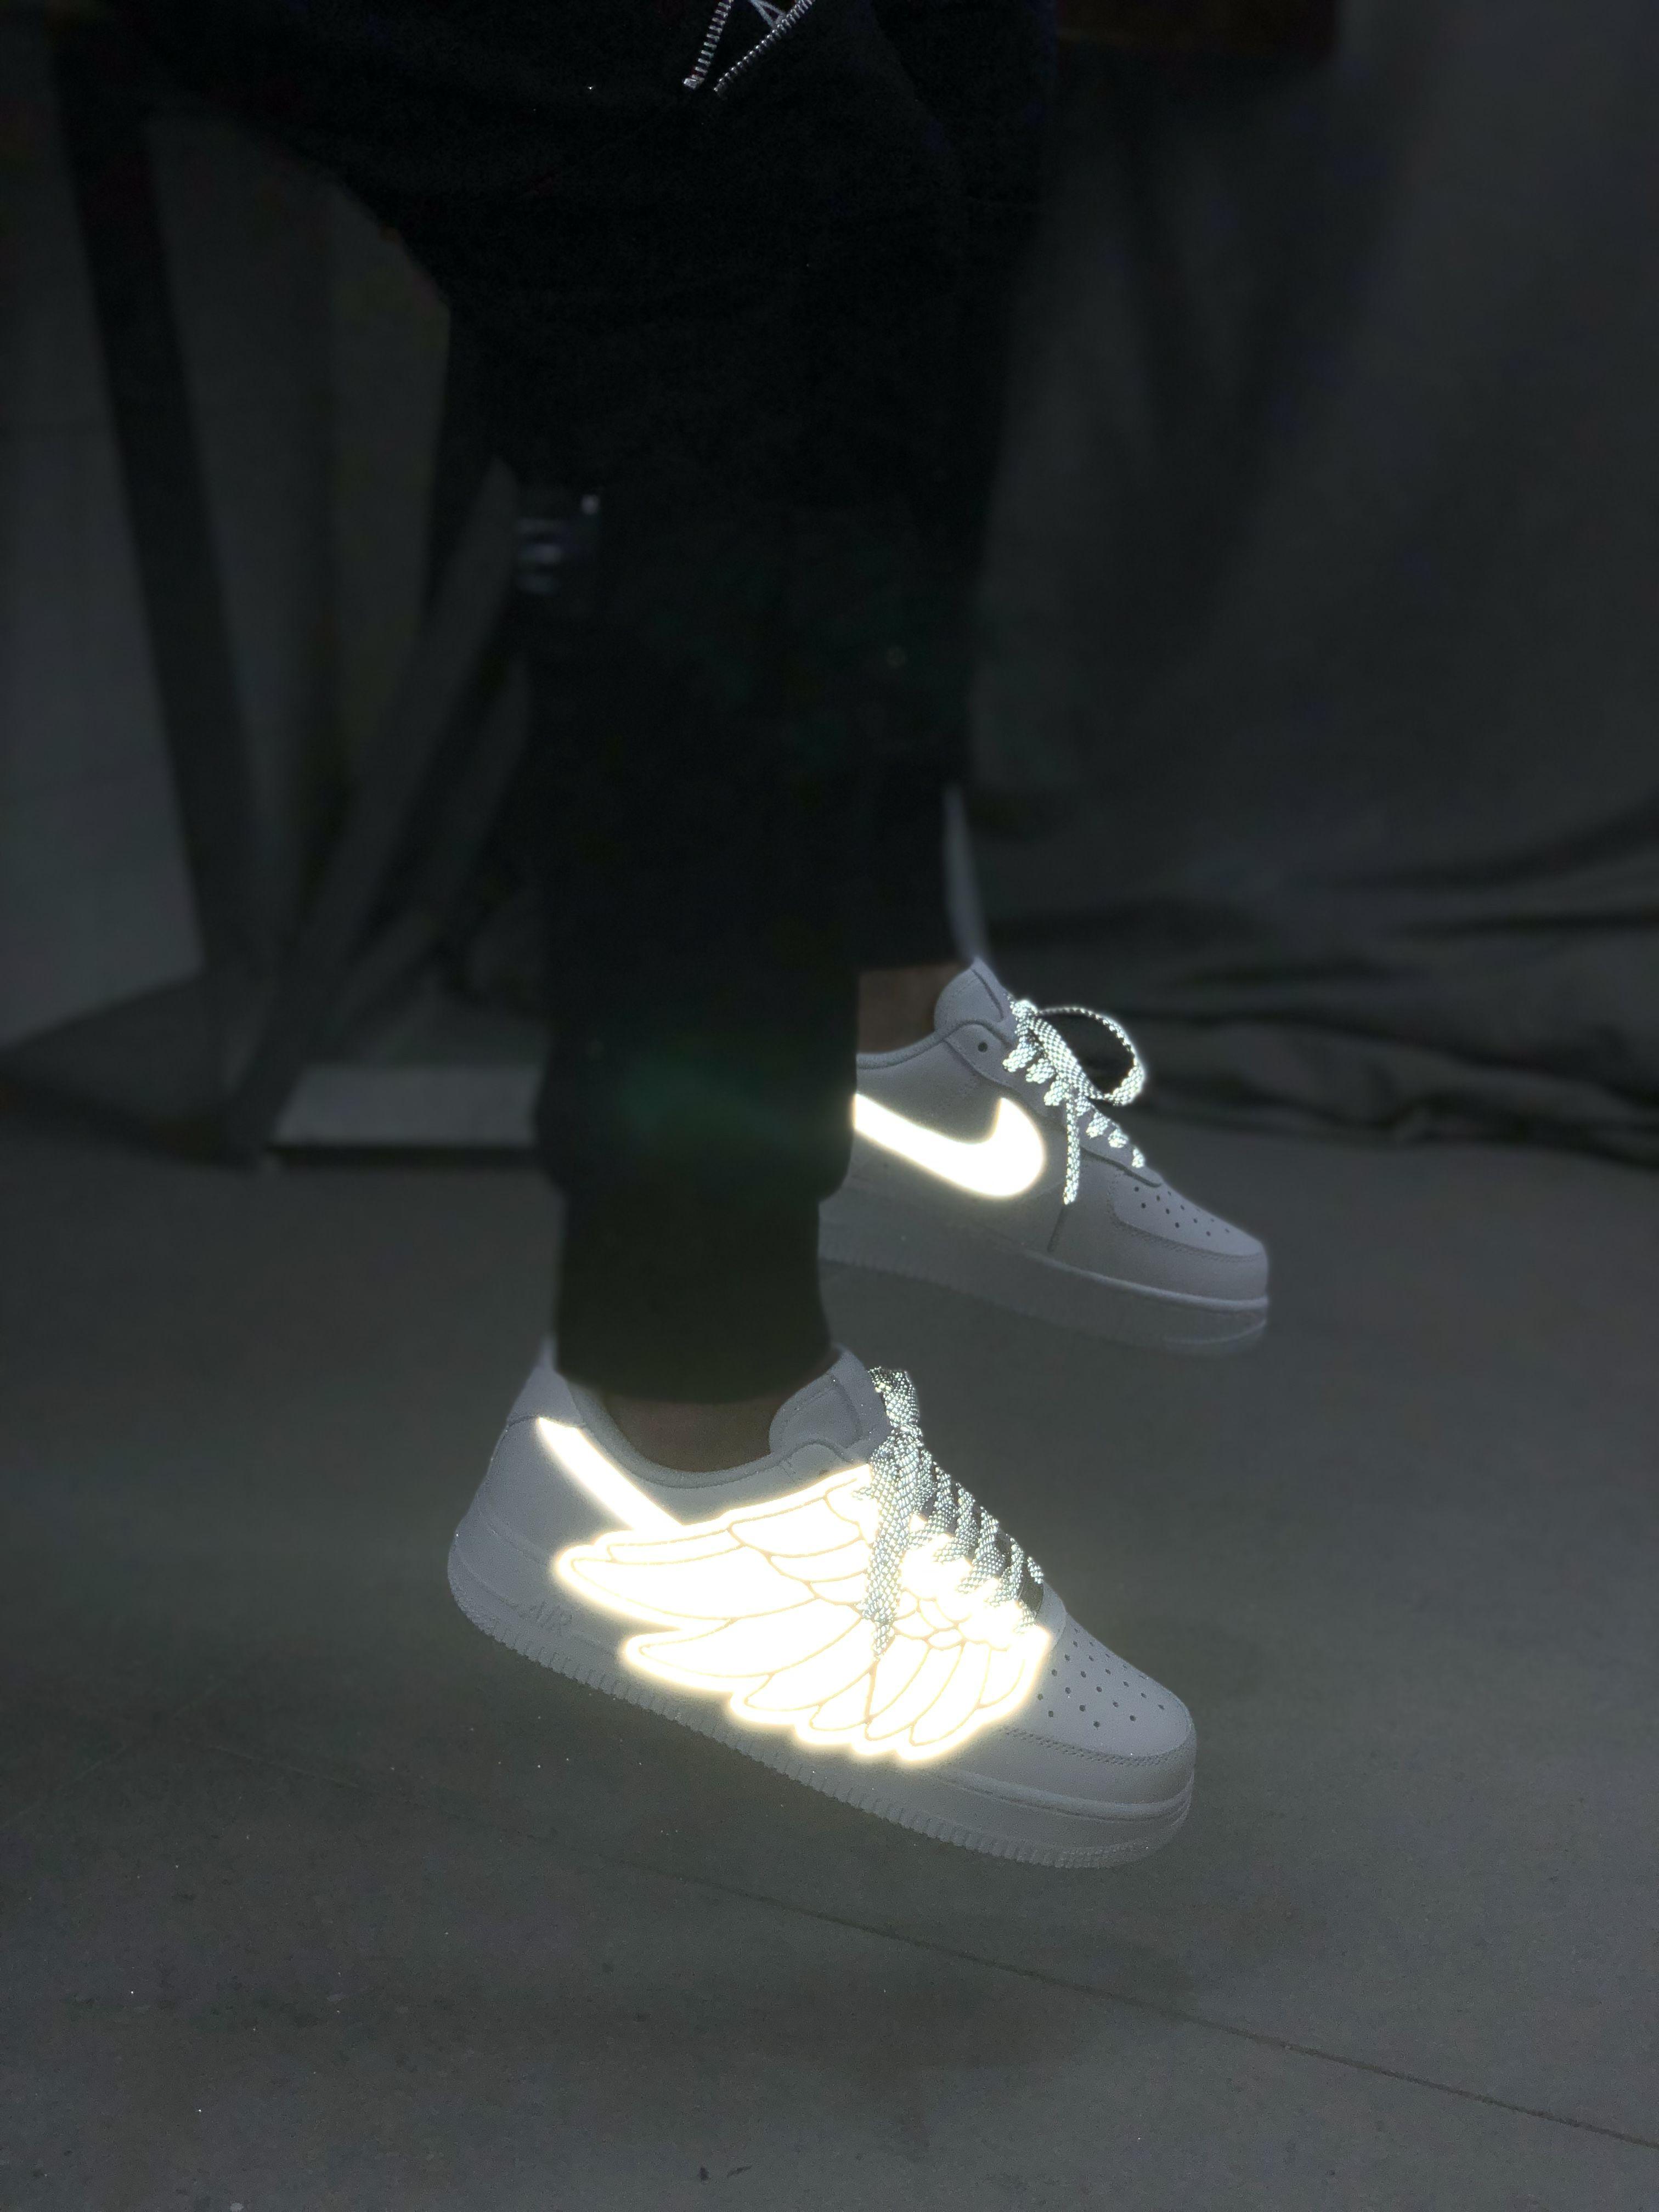 New 2019 Custom Nike Air Force 1